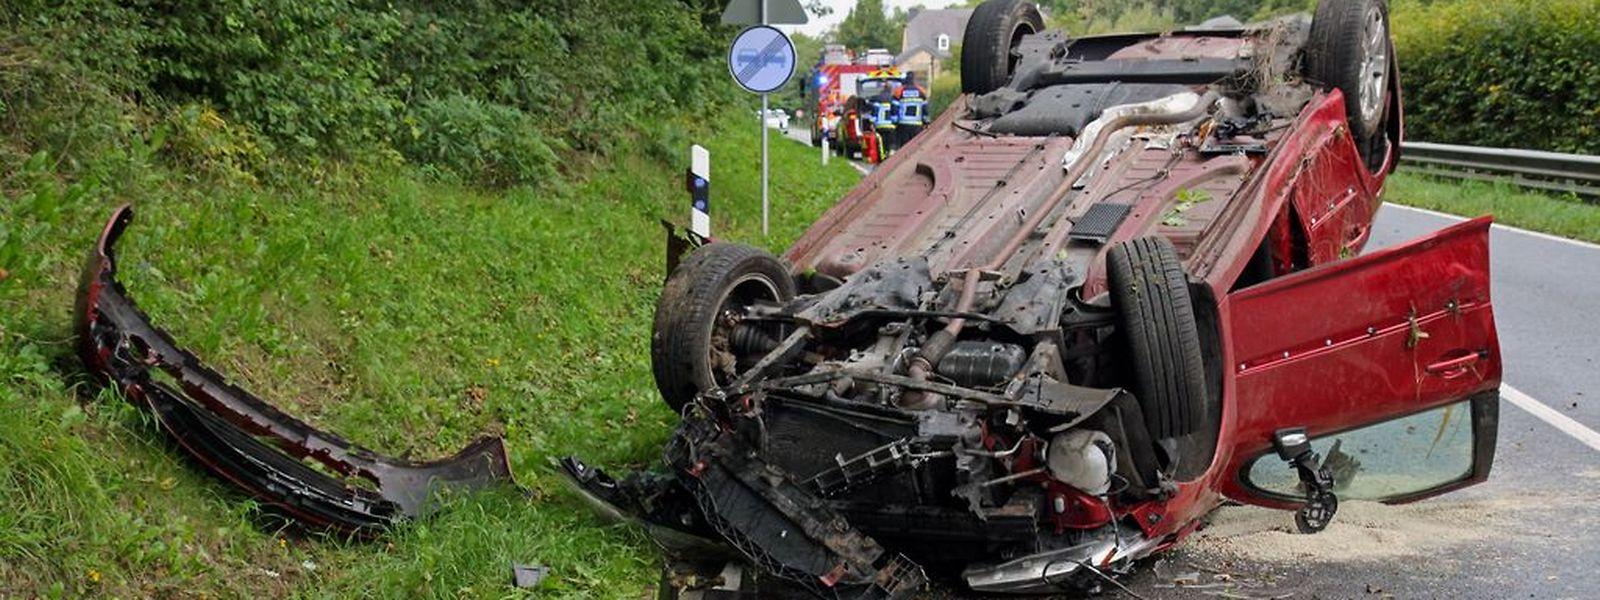 Se retrouvant en fâcheuse posture, les deux occupants de la voiture, sont toutefois parvenus à s'extraire seuls de l'épave.